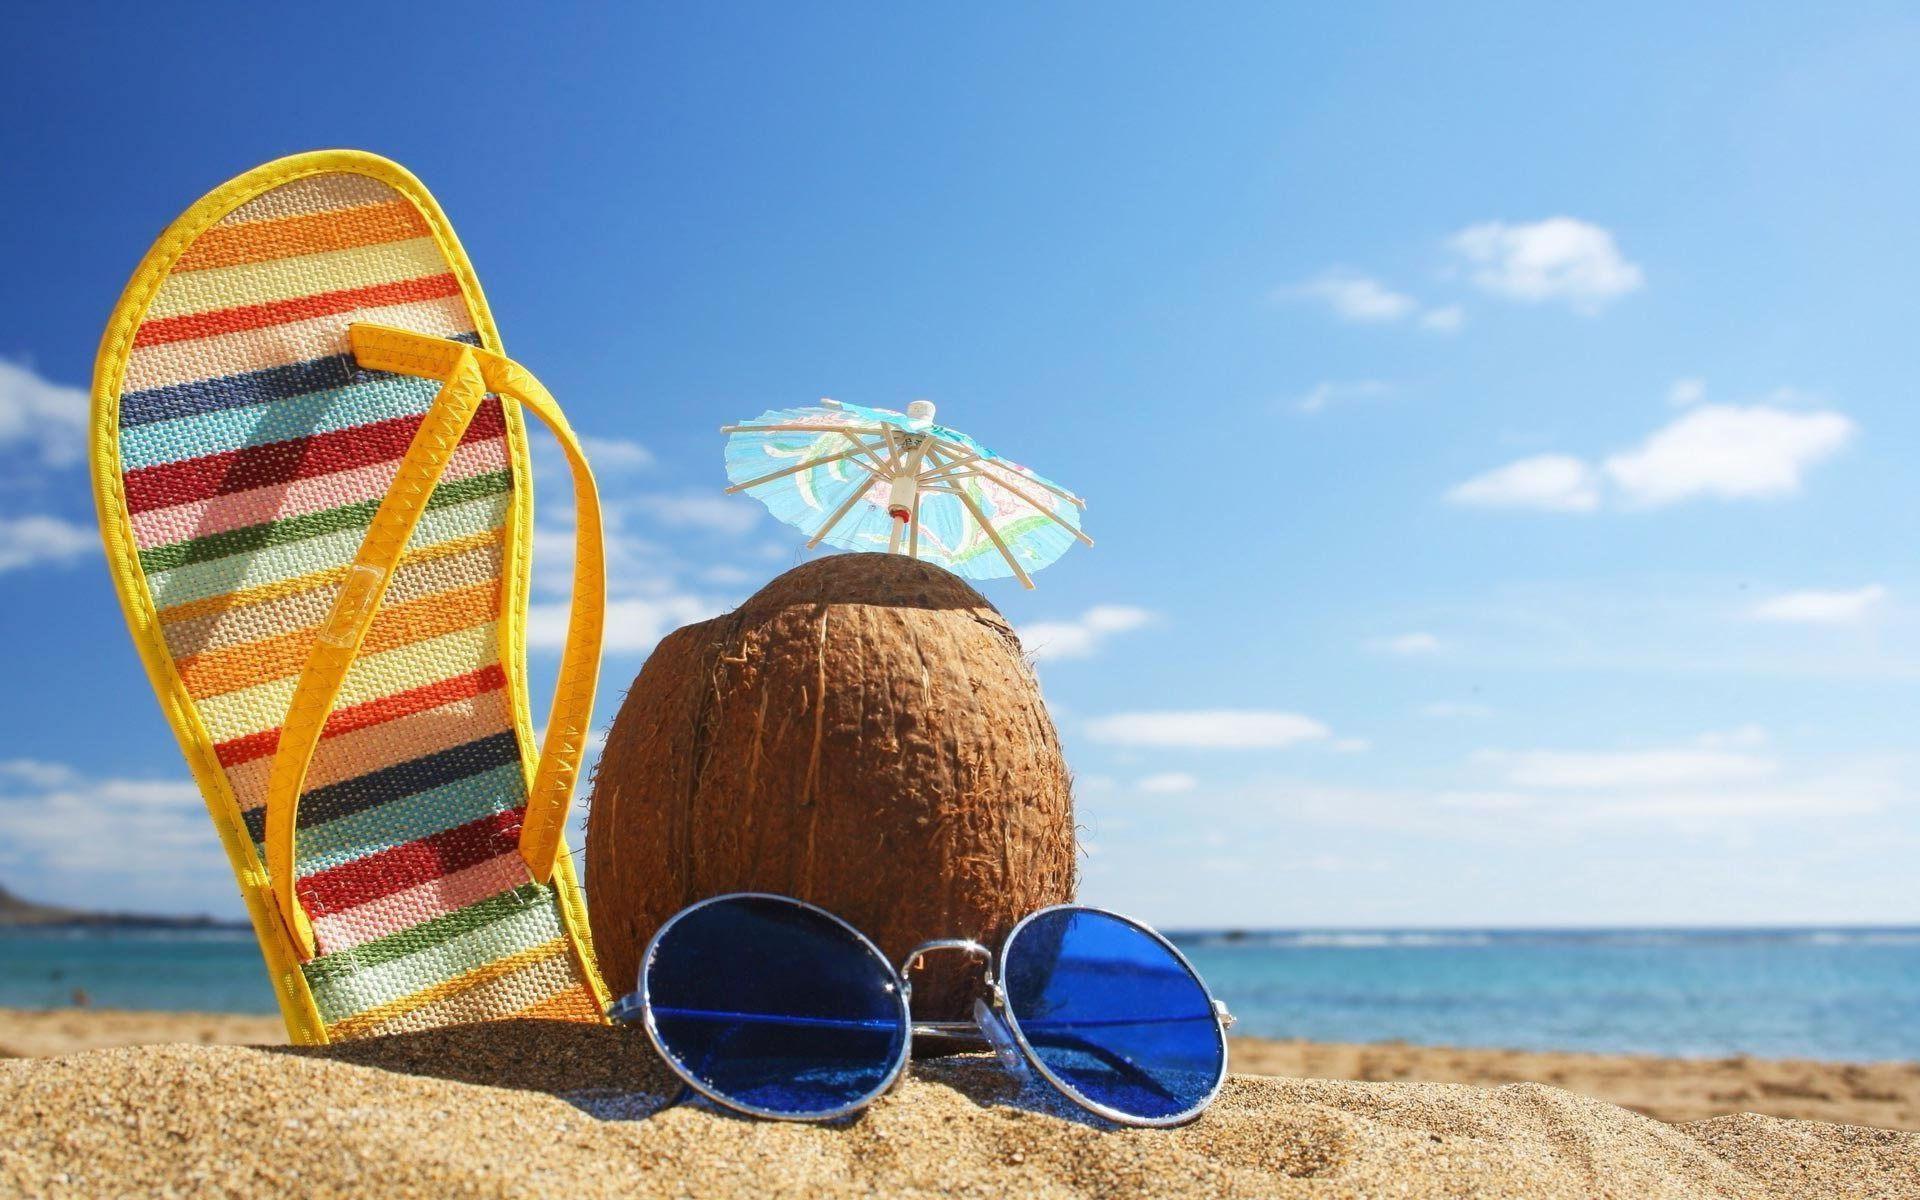 download wallpaper: Een zandstrand met een zonnebril, slippers en een kokosnoot wallpaper